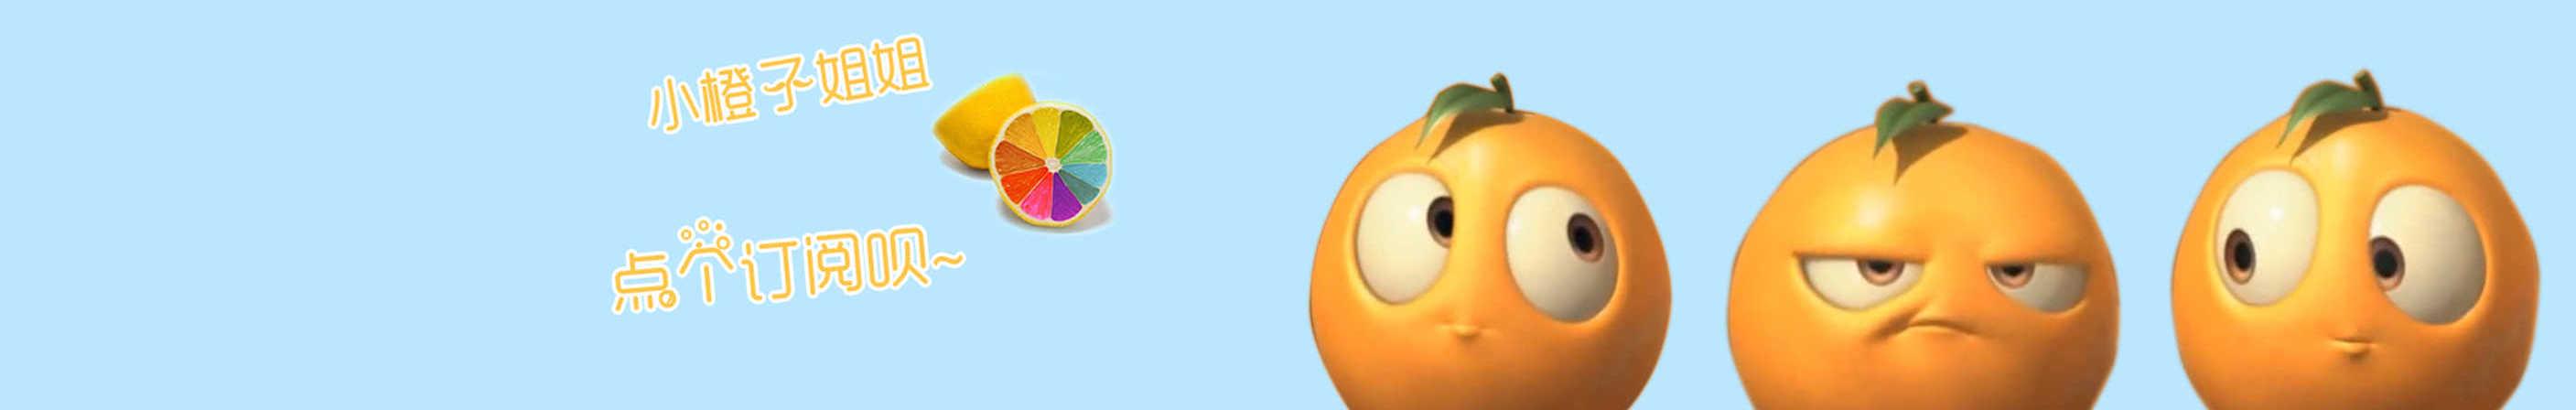 小橙子姐姐姐 banner